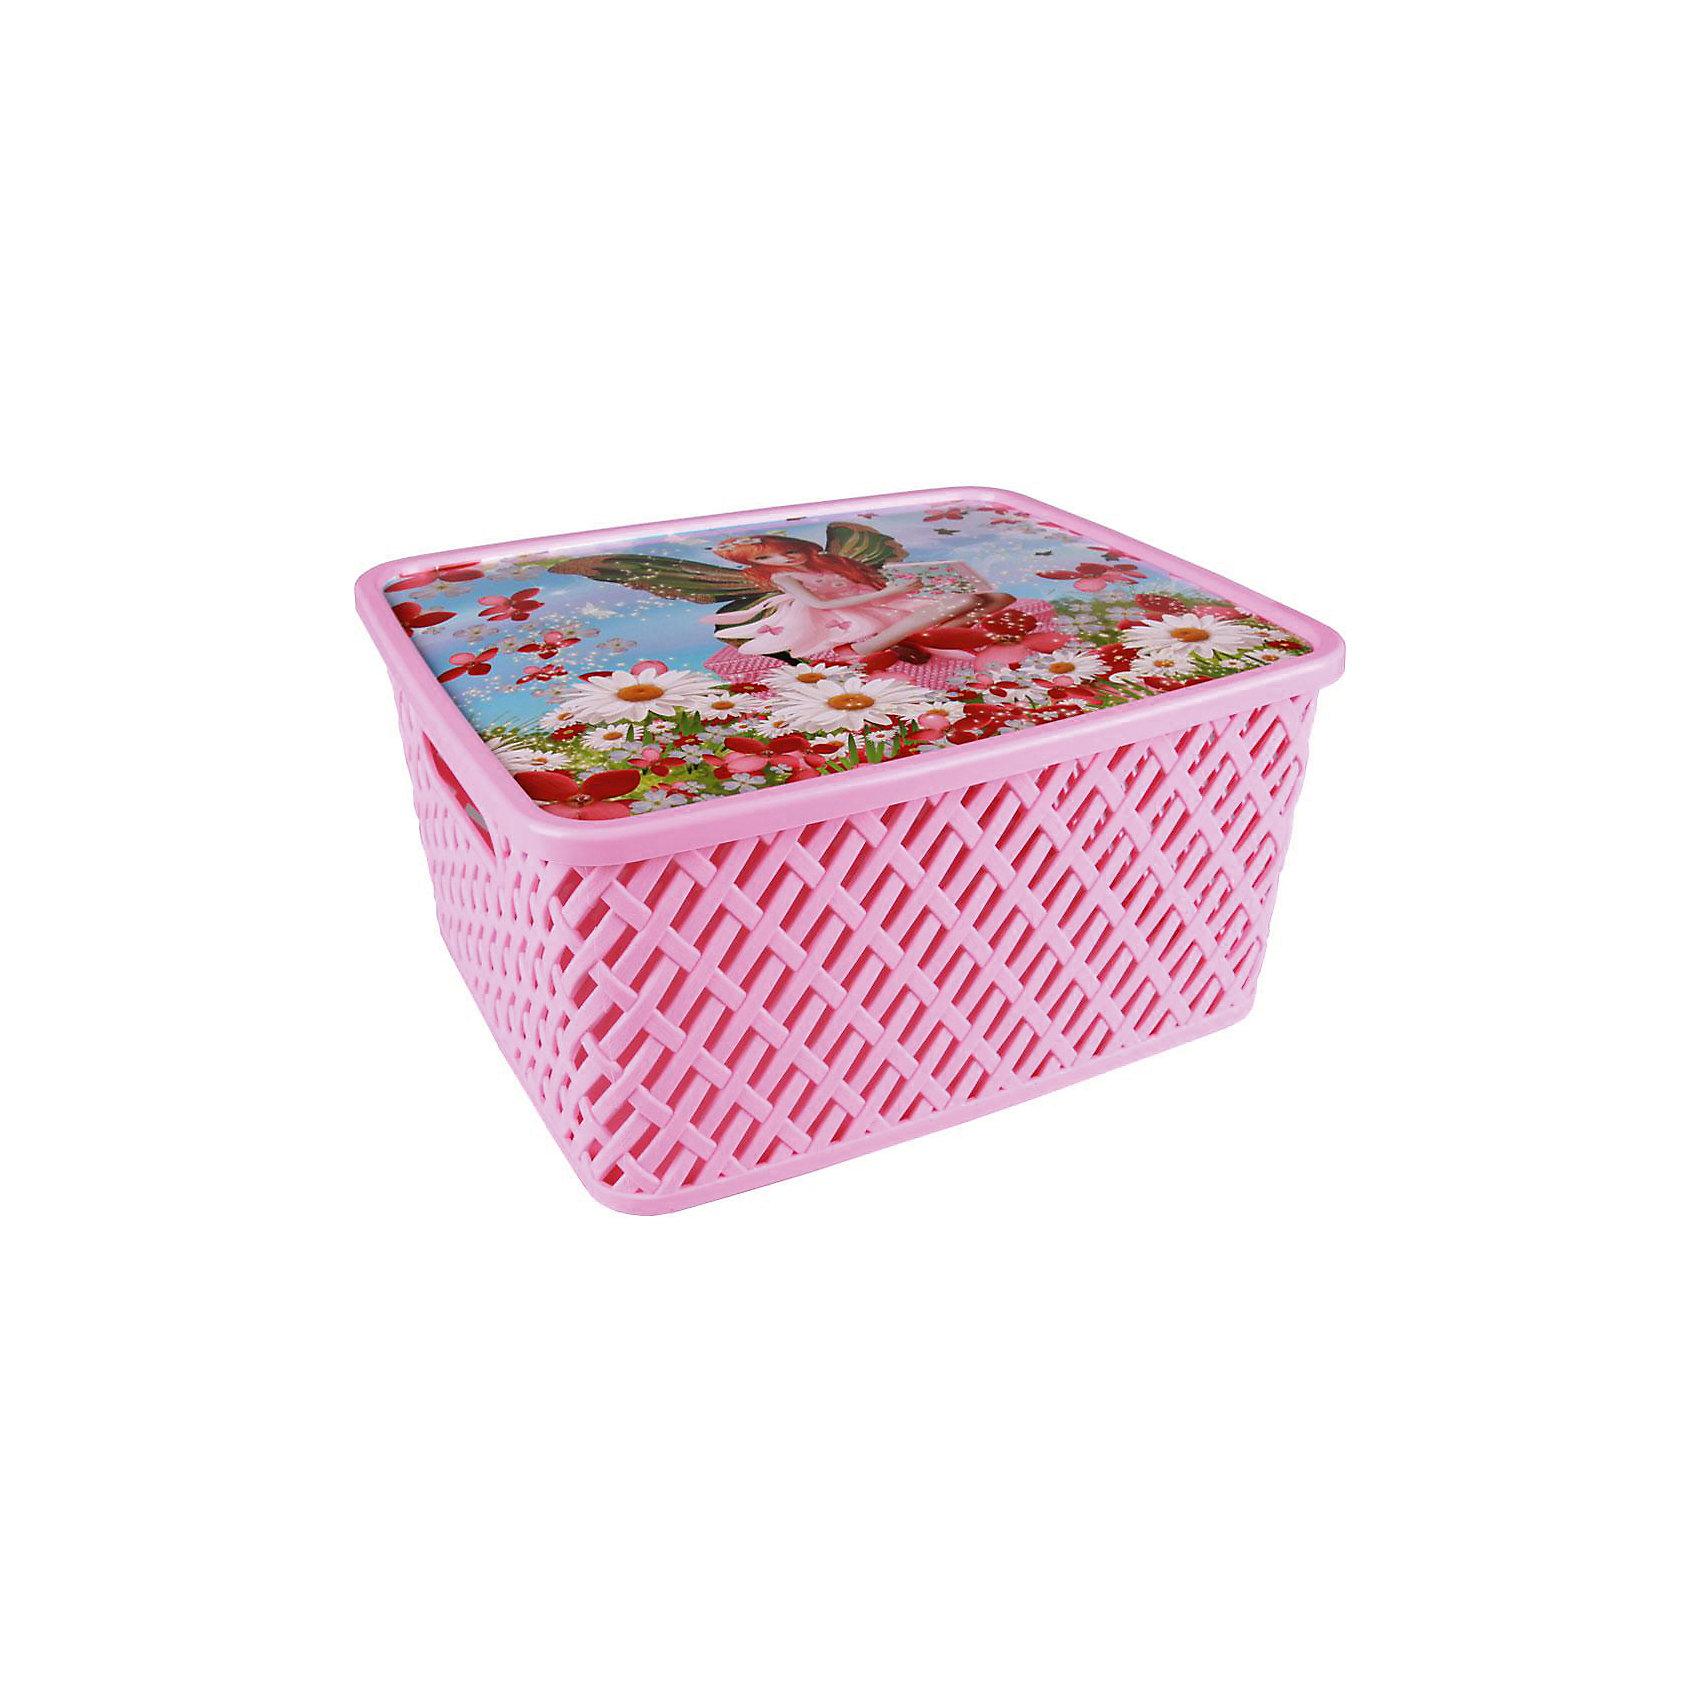 Корзина универс. Мал. фея с крыш.,  Alternativa, мал.Порядок в детской<br>Универсальная плетеная корзина Маленькая фея изготовлена из качественного пластика, закрывается крышкой с изображением милой феи. В ней будет удобно хранить различные мелочи или игрушки.<br><br>Дополнительная информация:<br>Материал: пластик<br>Цвет: розовый<br>Размер: 35х29х17,5 см<br><br>Корзину Маленькая фея вы можете приобрести в нашем интернет-магазине.<br><br>Ширина мм: 355<br>Глубина мм: 300<br>Высота мм: 175<br>Вес г: 626<br>Возраст от месяцев: 36<br>Возраст до месяцев: 144<br>Пол: Унисекс<br>Возраст: Детский<br>SKU: 4979741